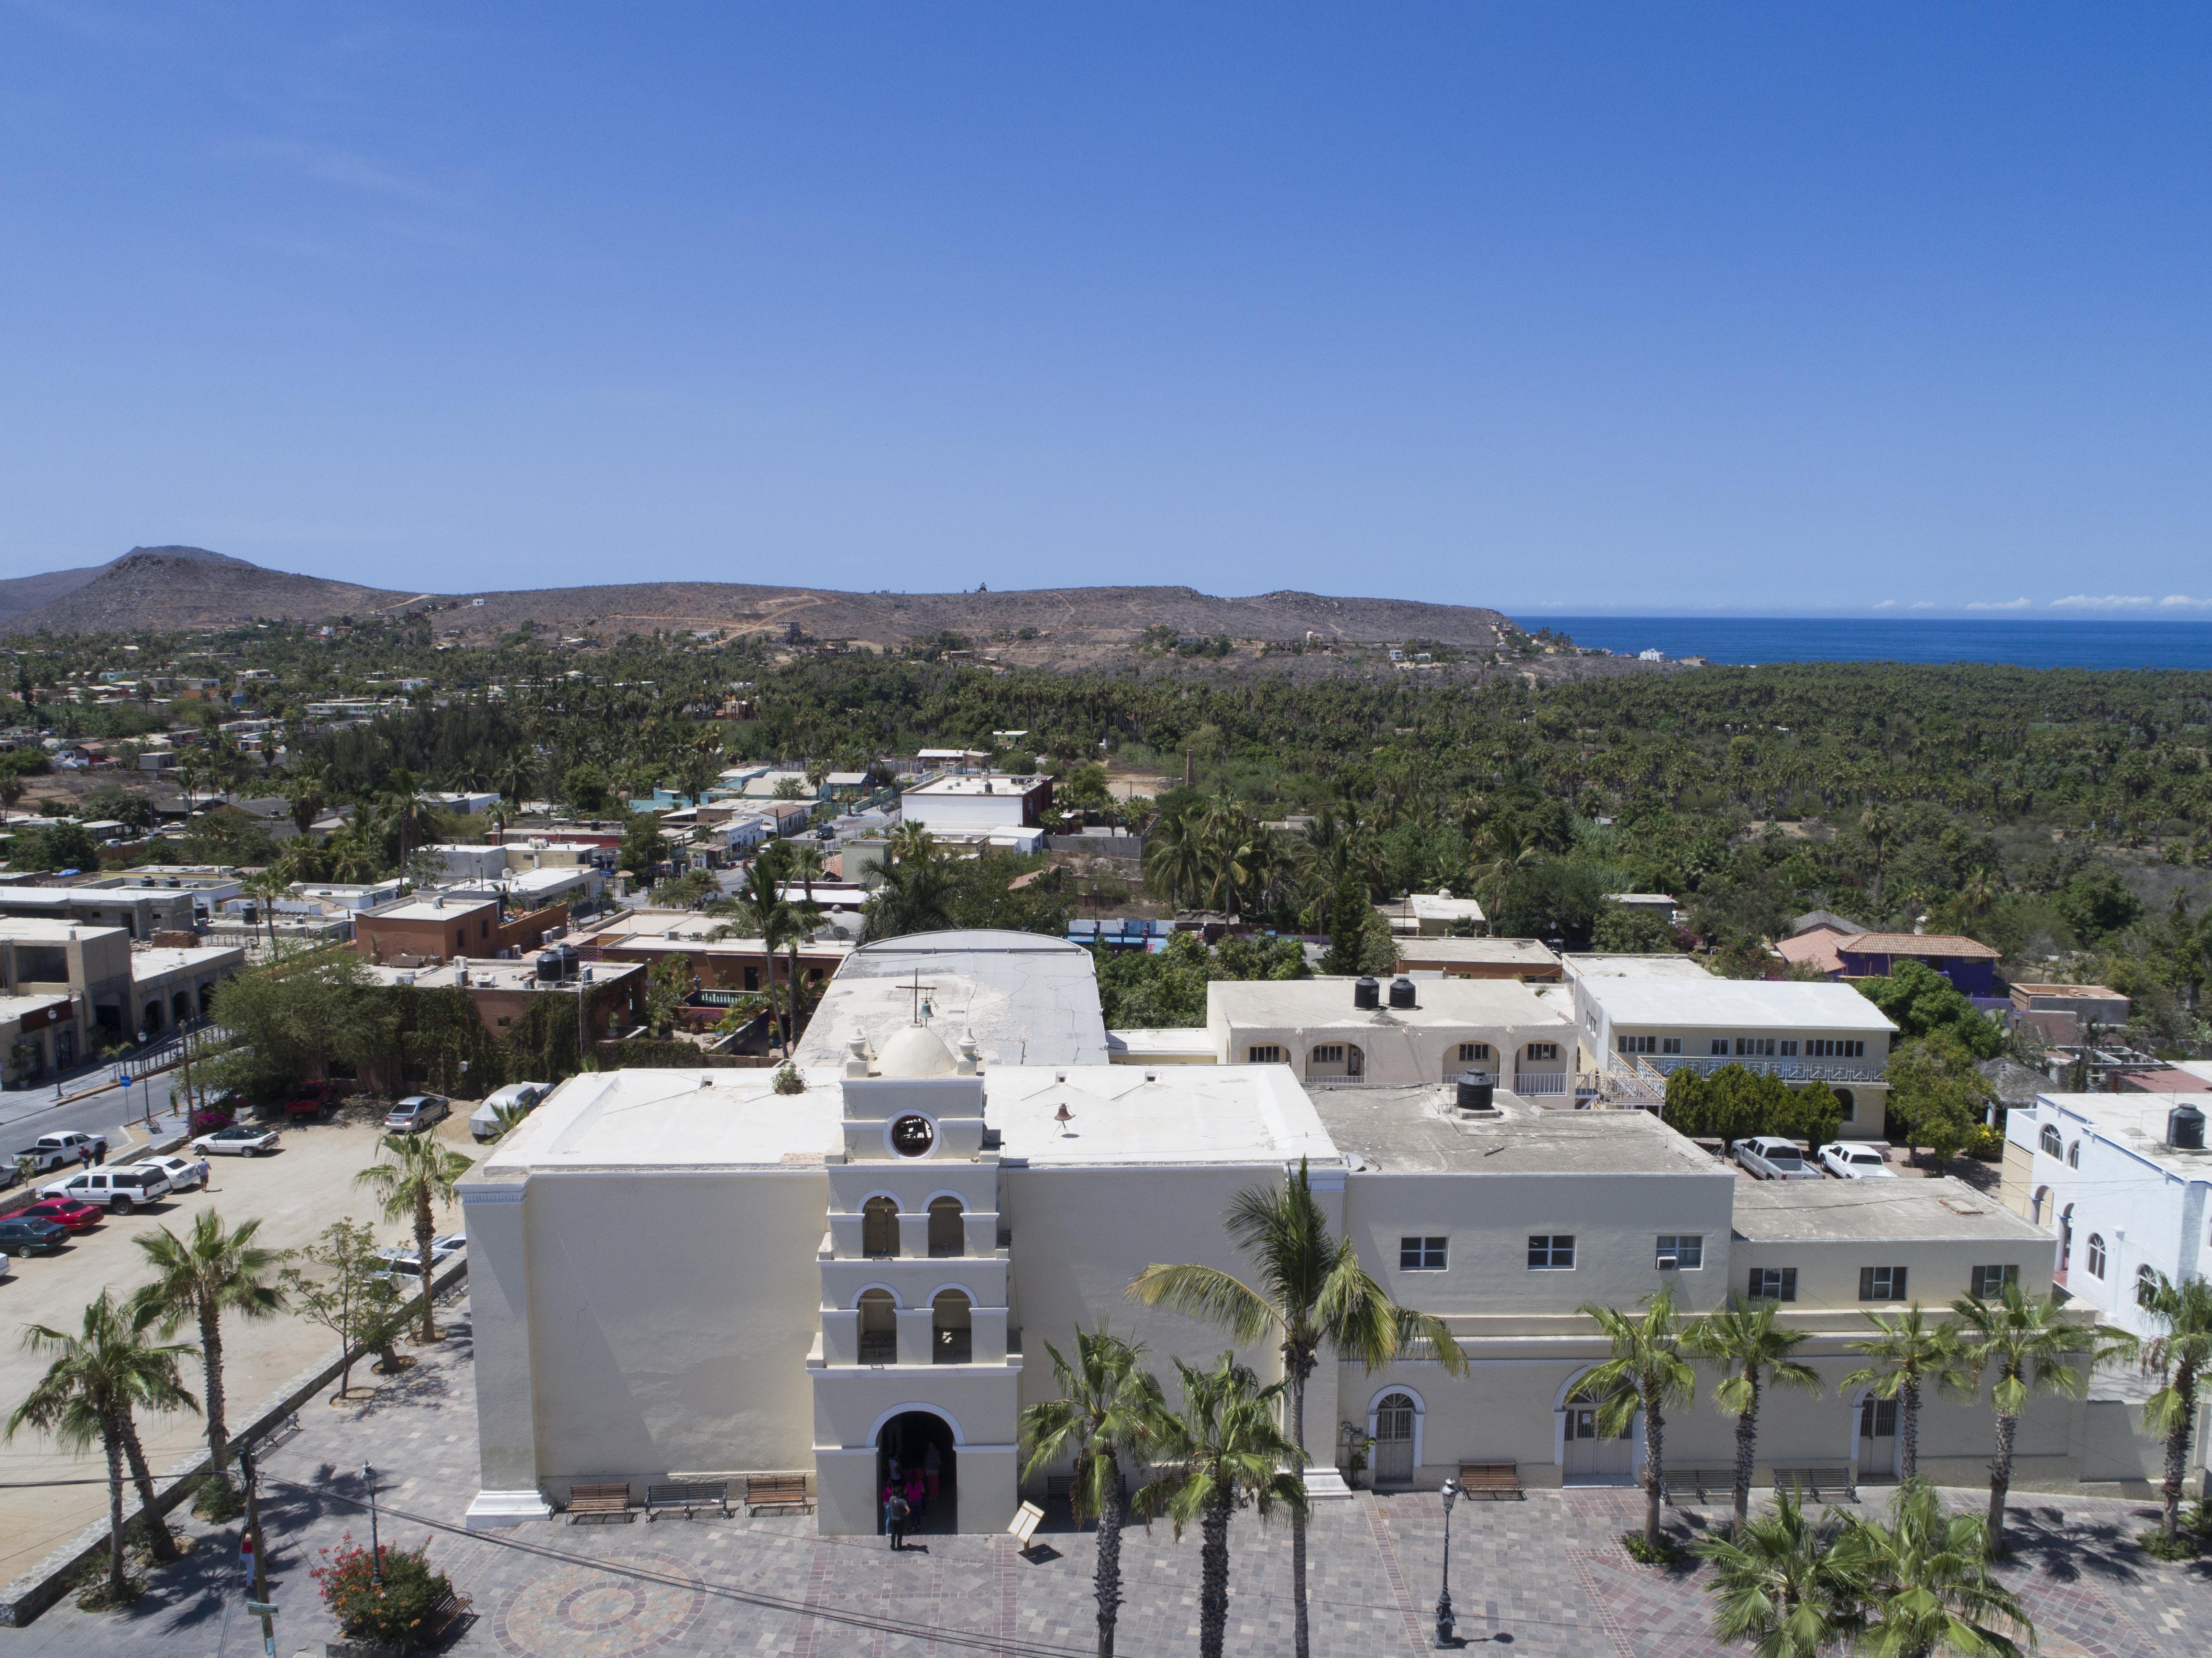 Panorámica de Todos Santos, Baja California Sur.